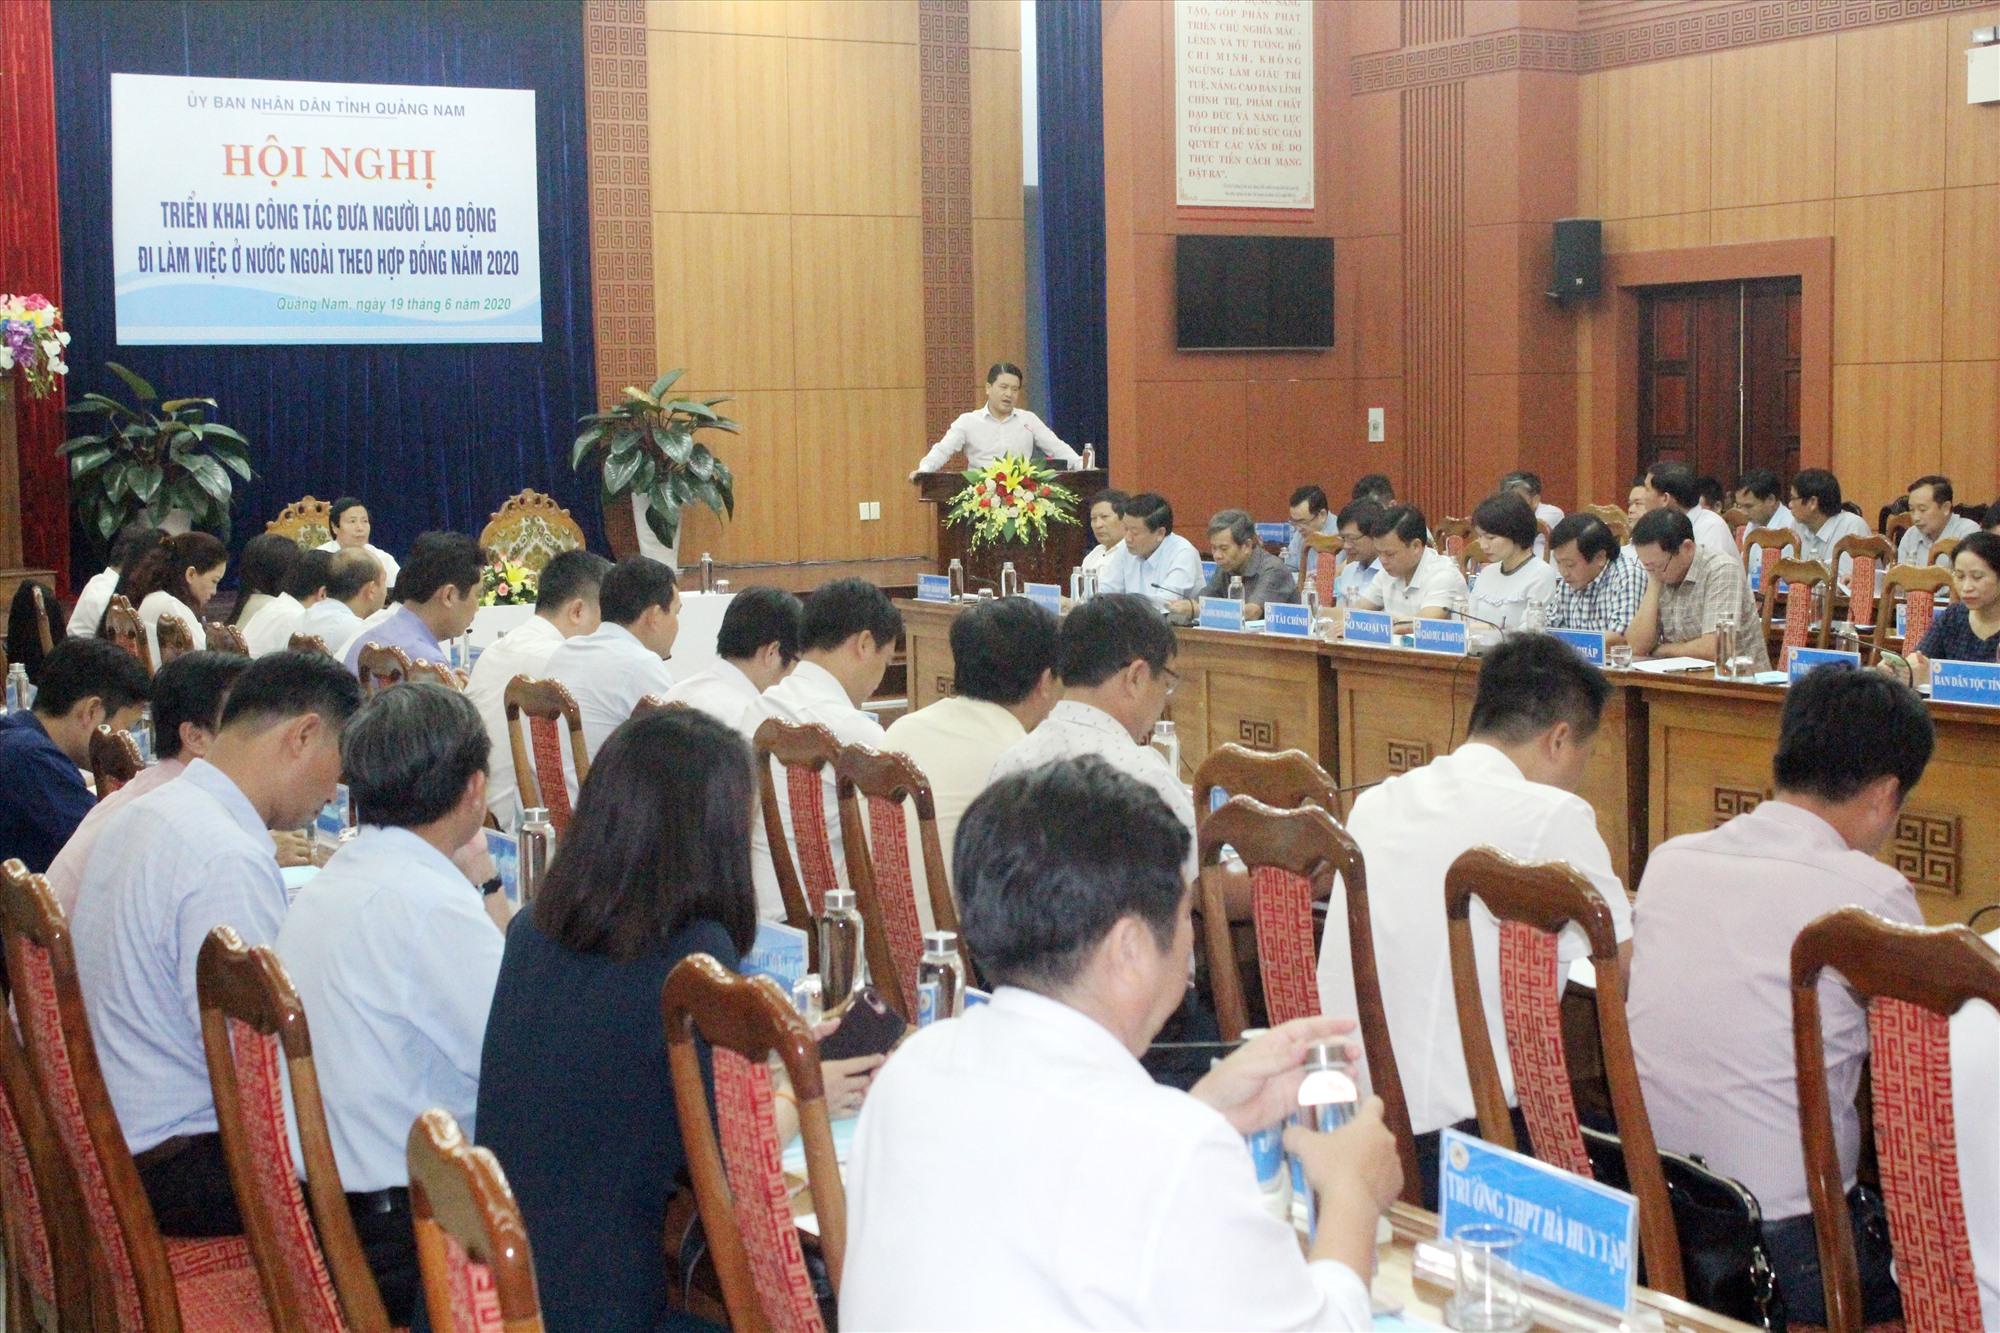 Công tác xuất khẩu lao động được khởi động lại với sự tham gia của nhiều đơn vị, cơ quan, doanh nghiệp. Ảnh: D.L